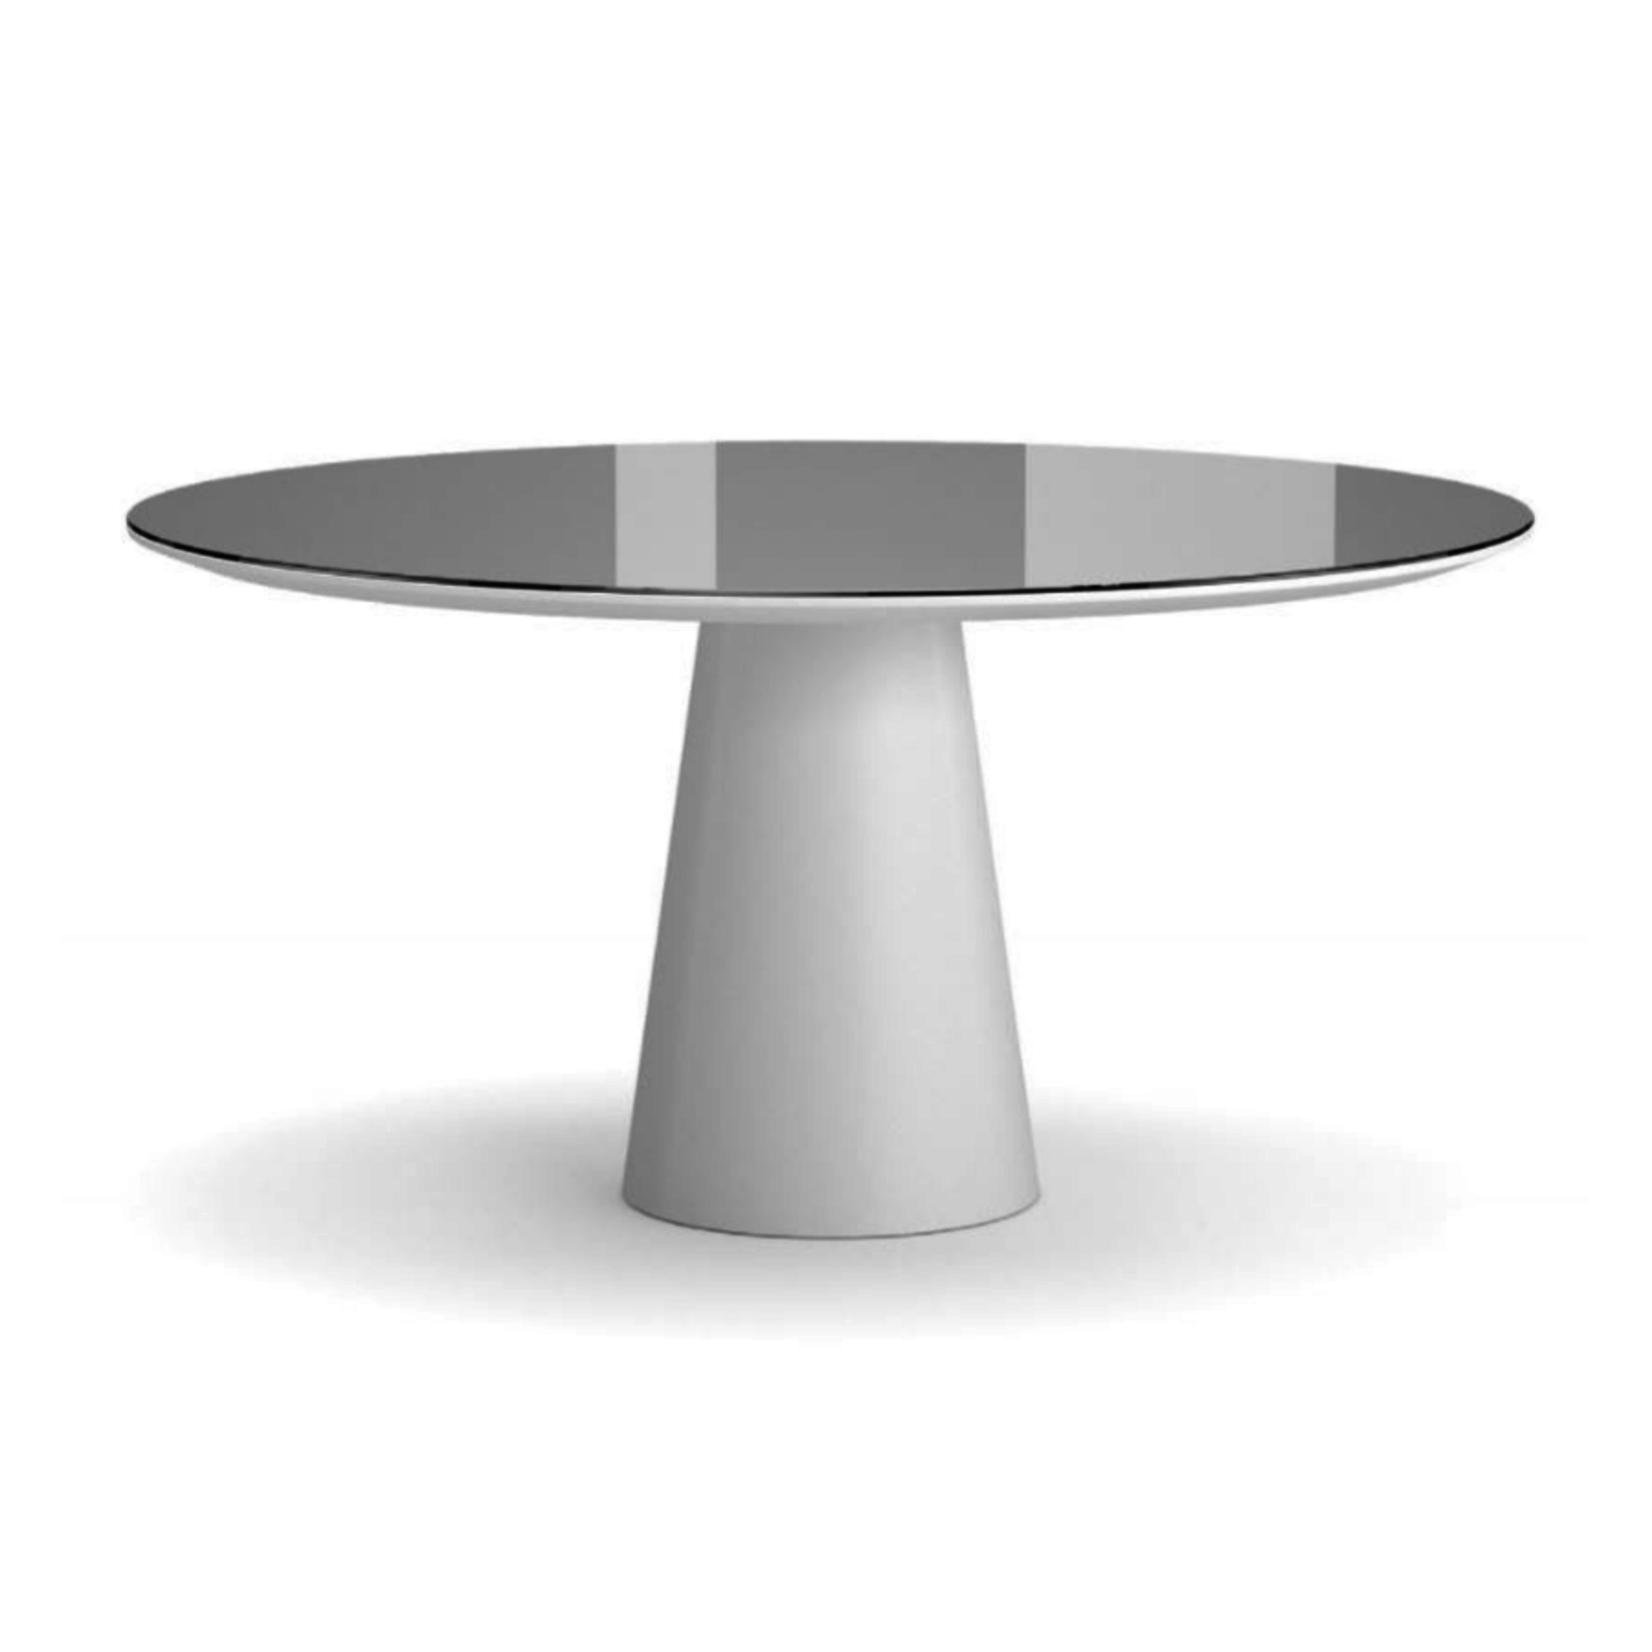 Harmony Studio Cone Dining Table